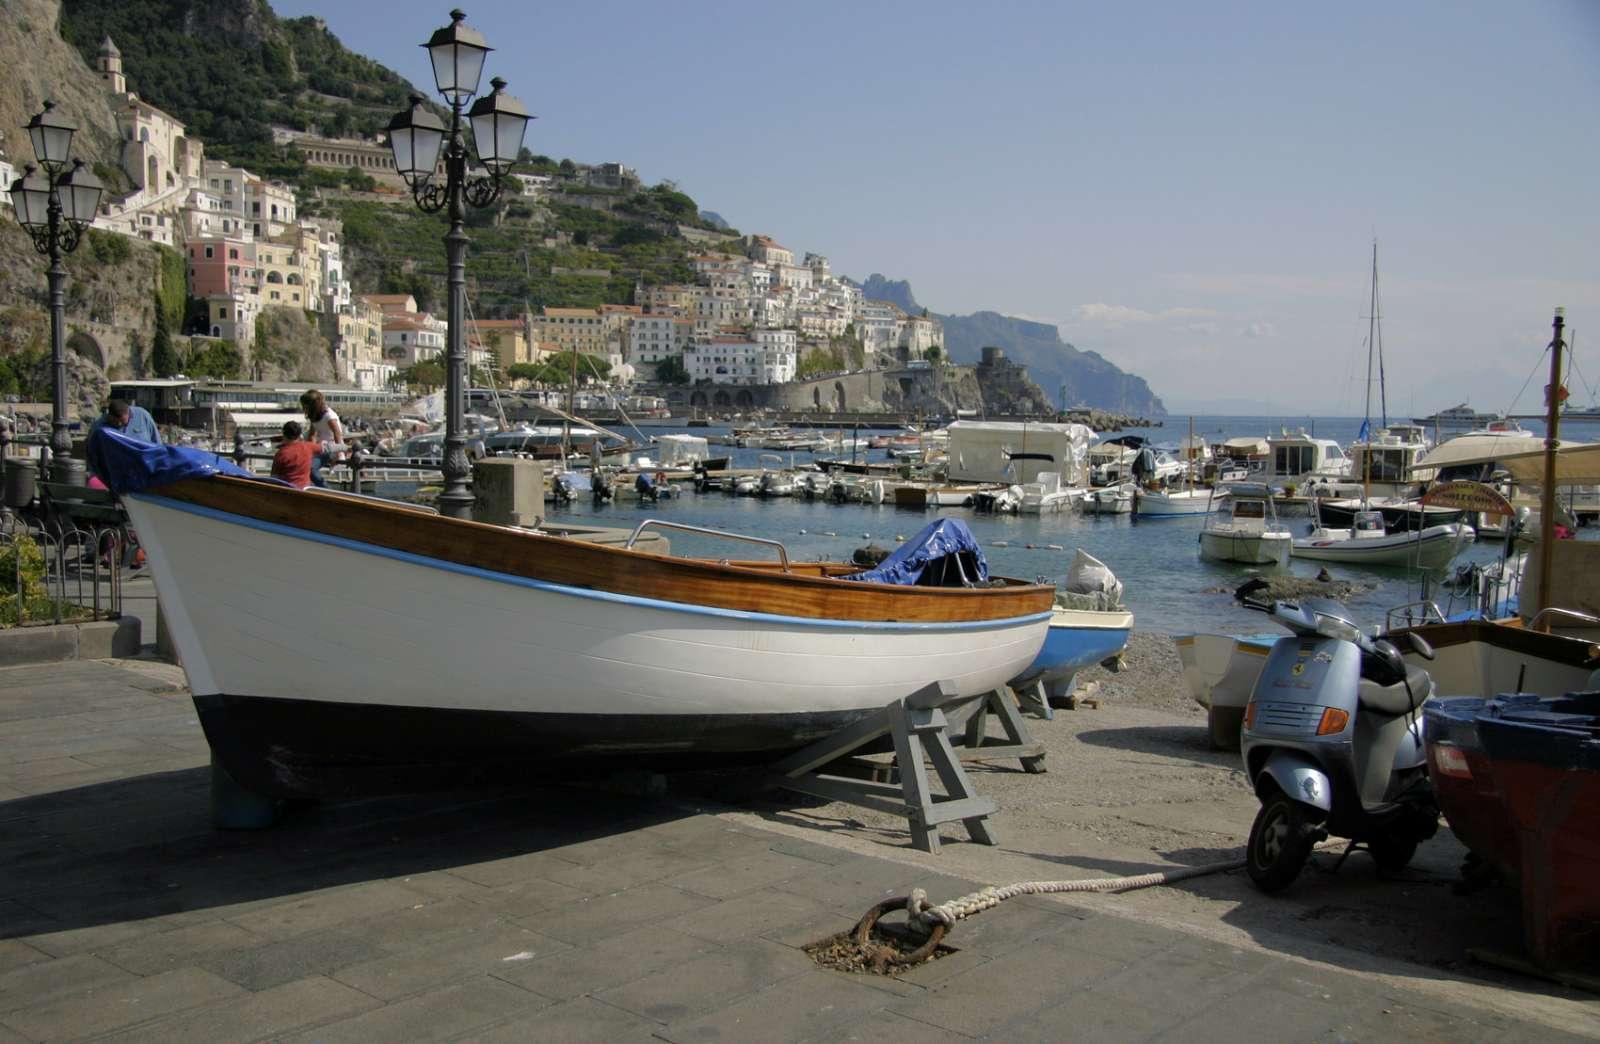 Der Hafen von Amalfi